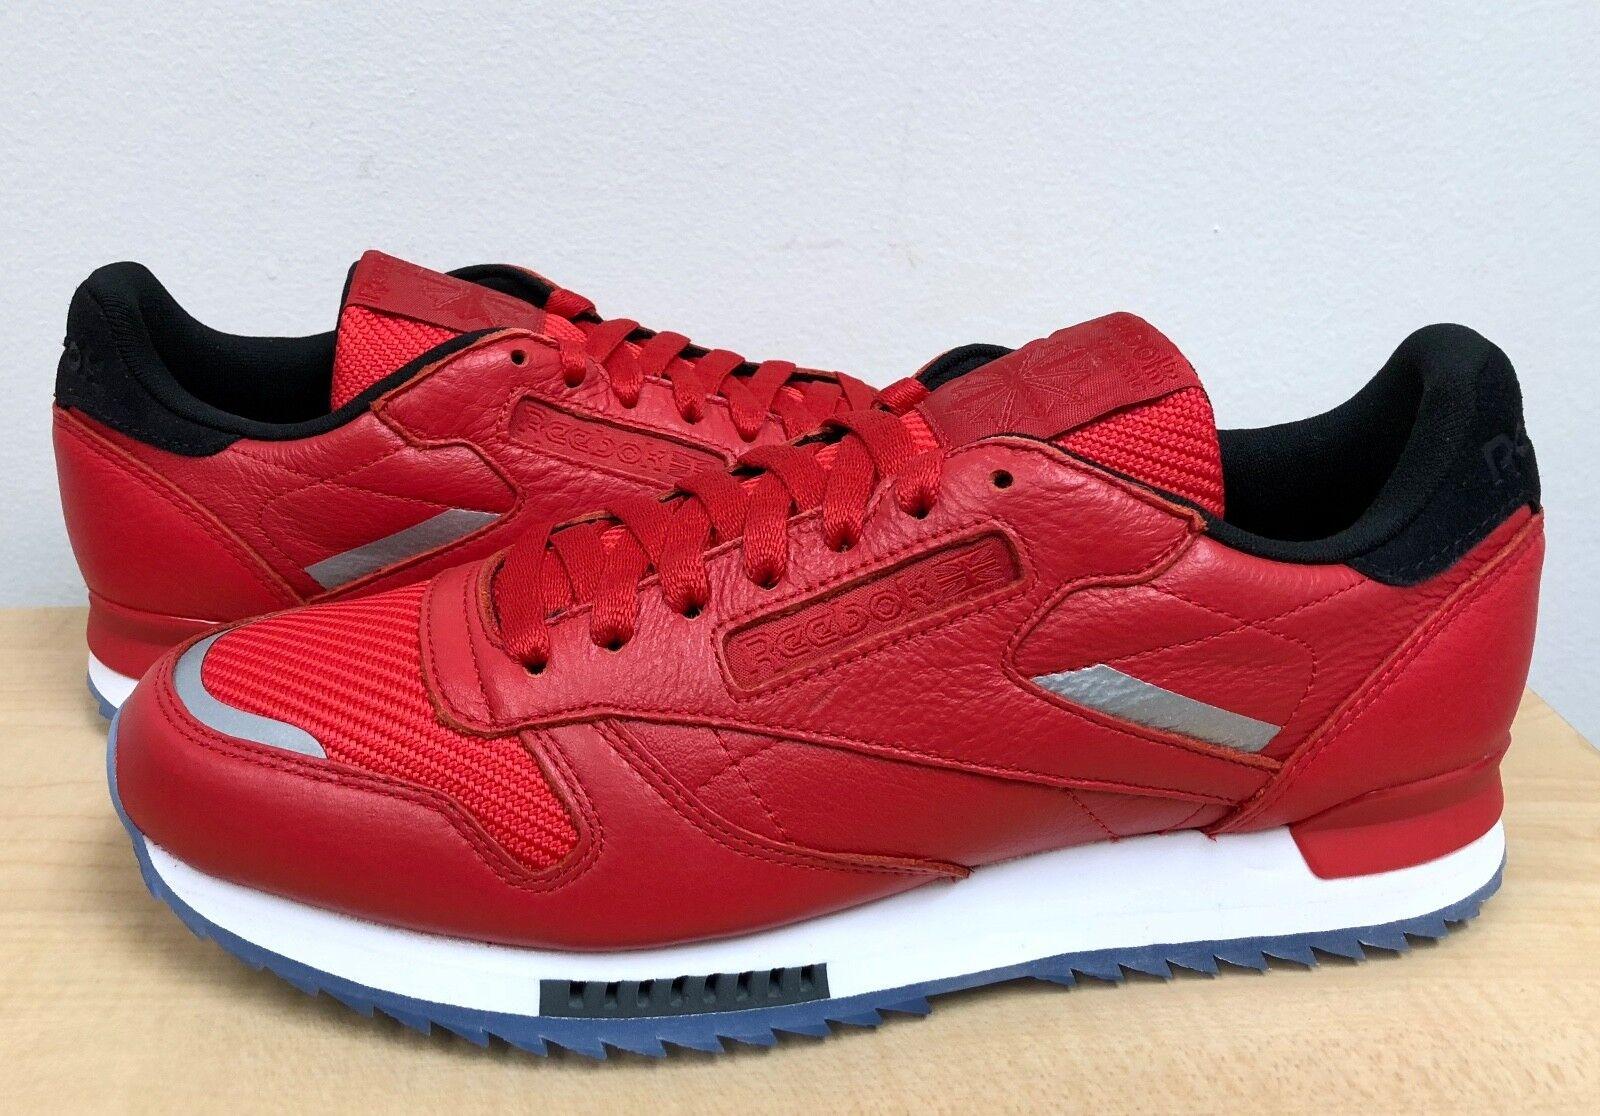 Para Hombre Reebok Classic Leather ondulación baja BP Primal Rojo blancoo Negro  BS5250